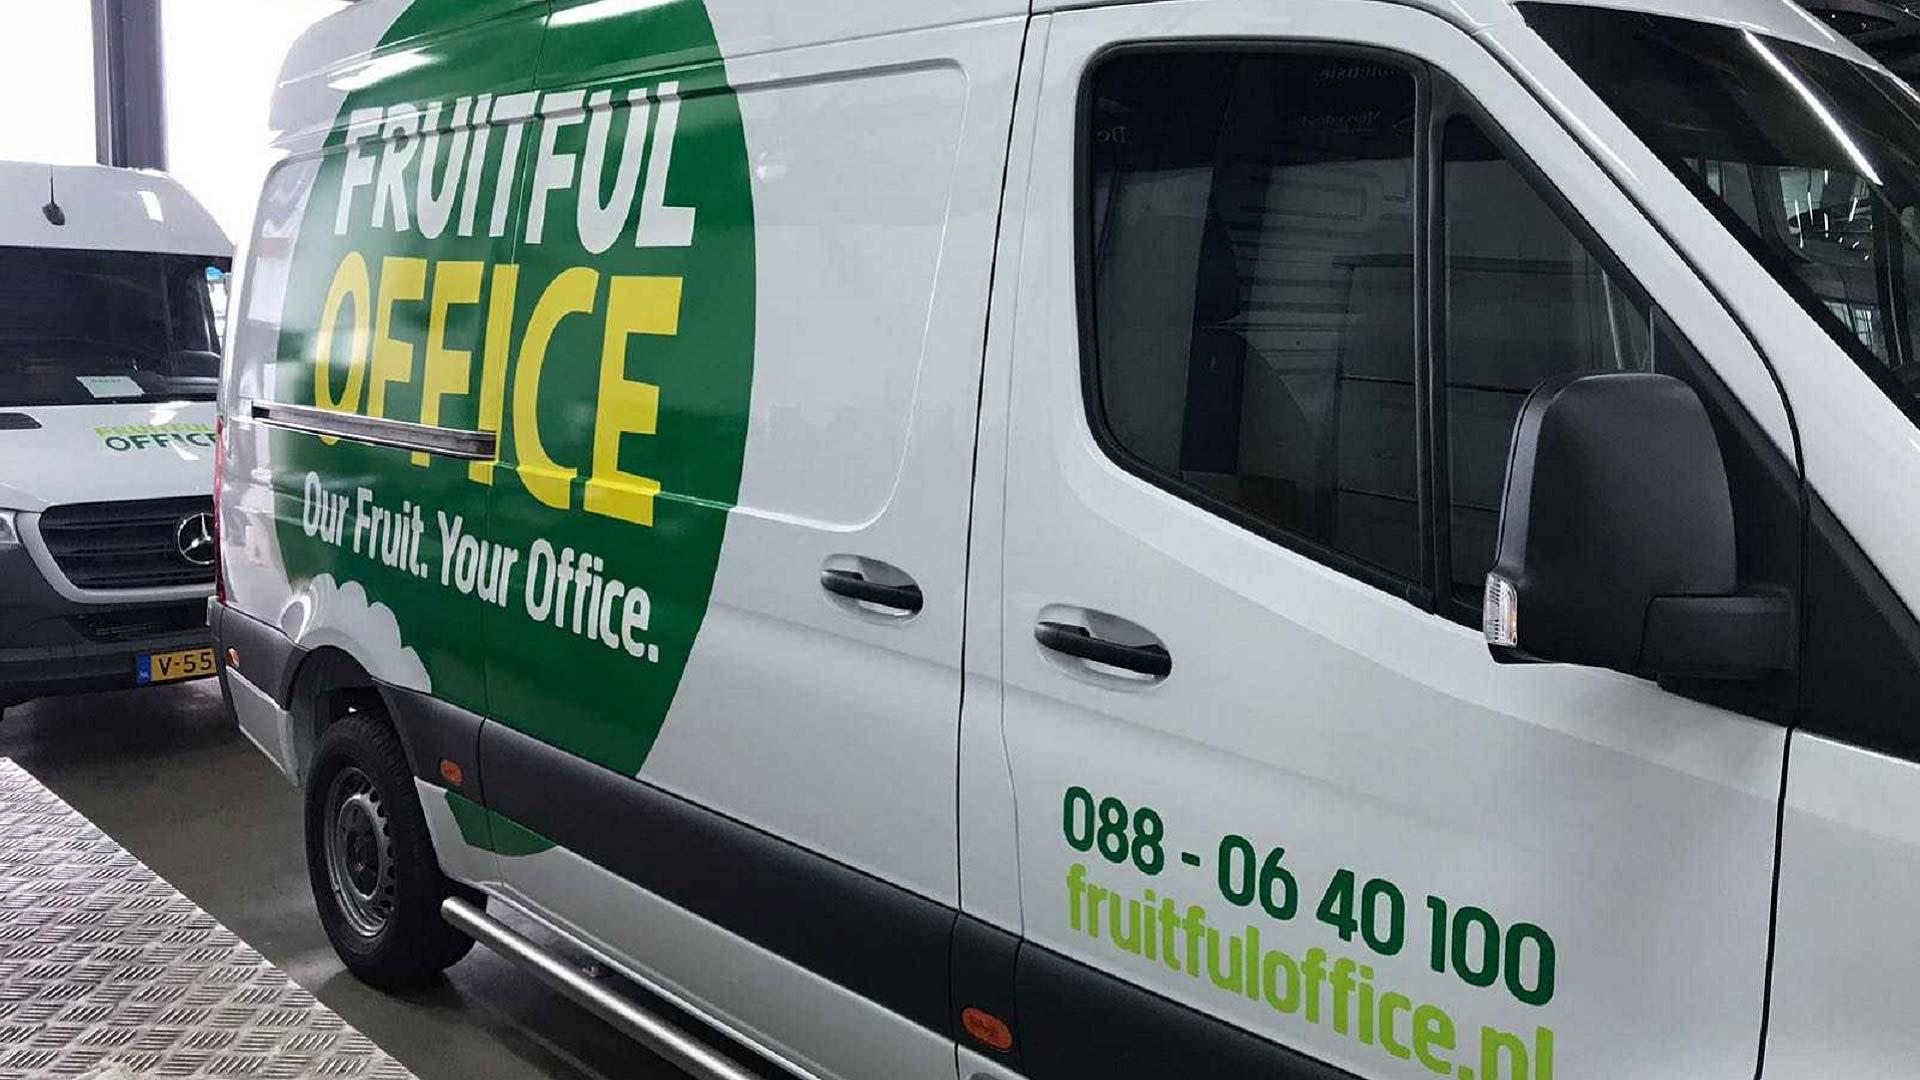 Alle wagens uit het grote wagenpark van Fruitfull Office zien er hetzefde uit. De kracht van herhaling doet zijn werk.